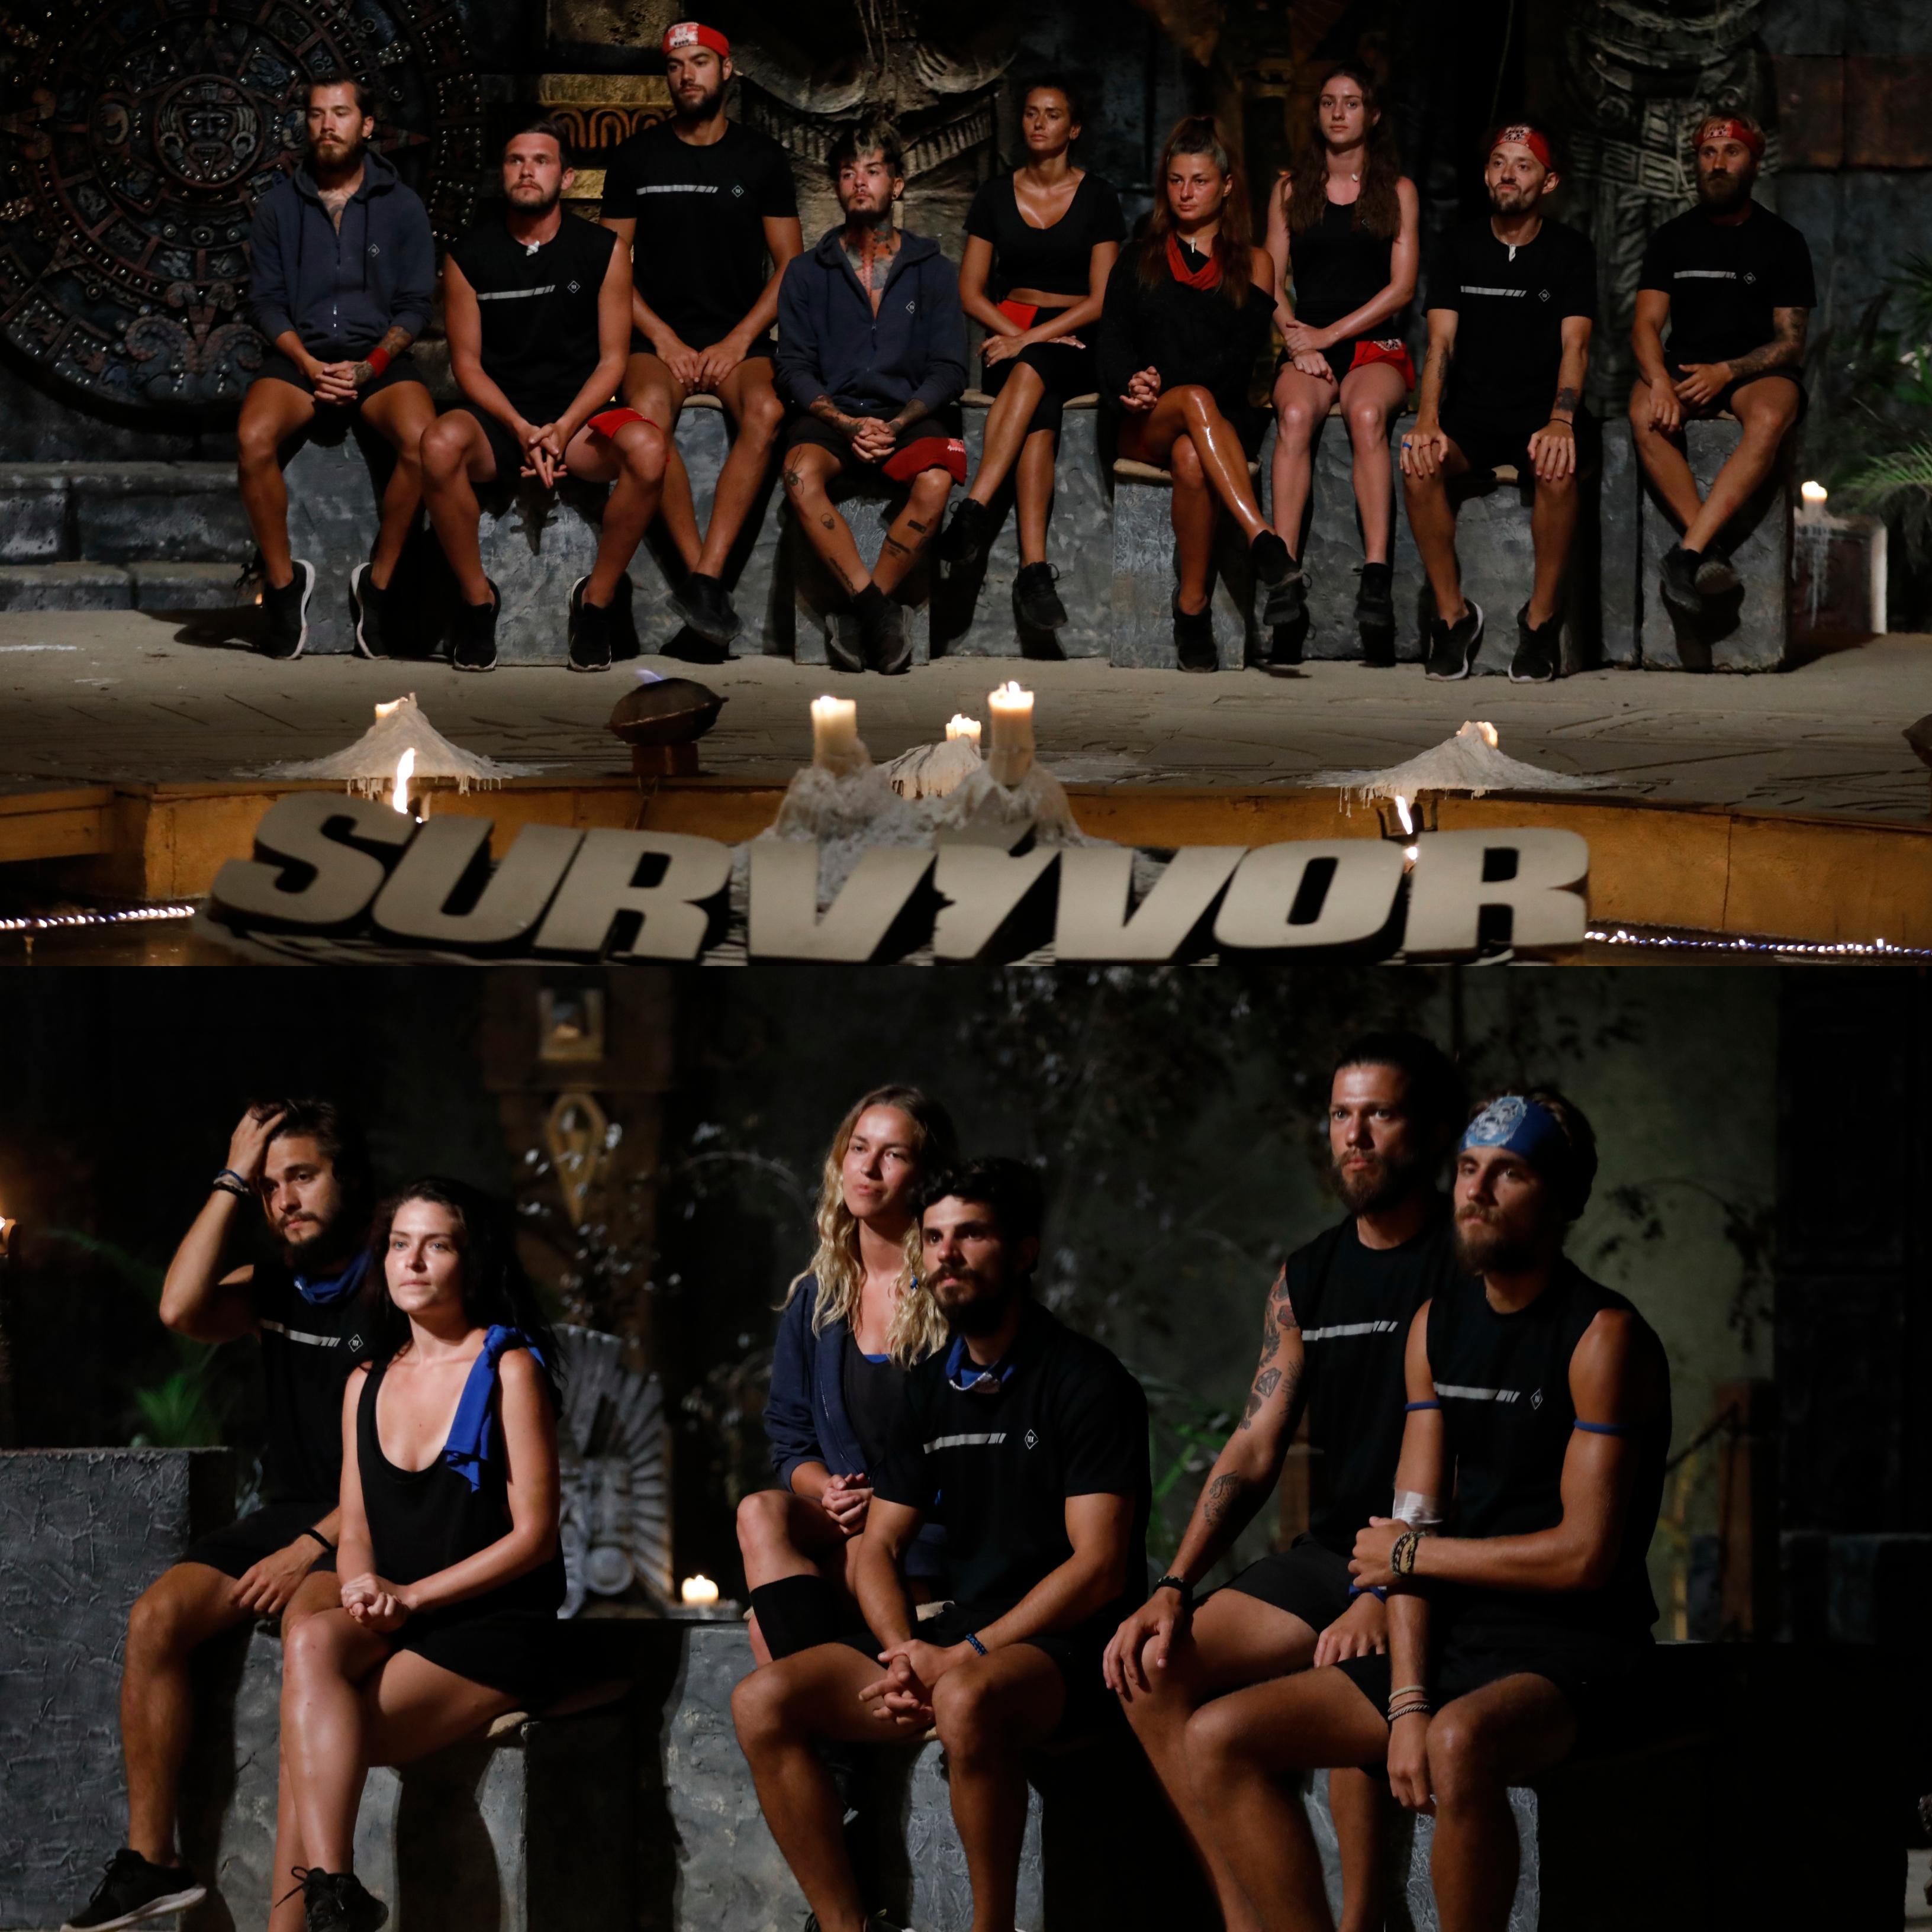 Emoții uriașe în consiliul de eliminare! Cine a părăsit competiția Survivor România 2021? Cinci concurenți s-au aflat în pericol de eliminare